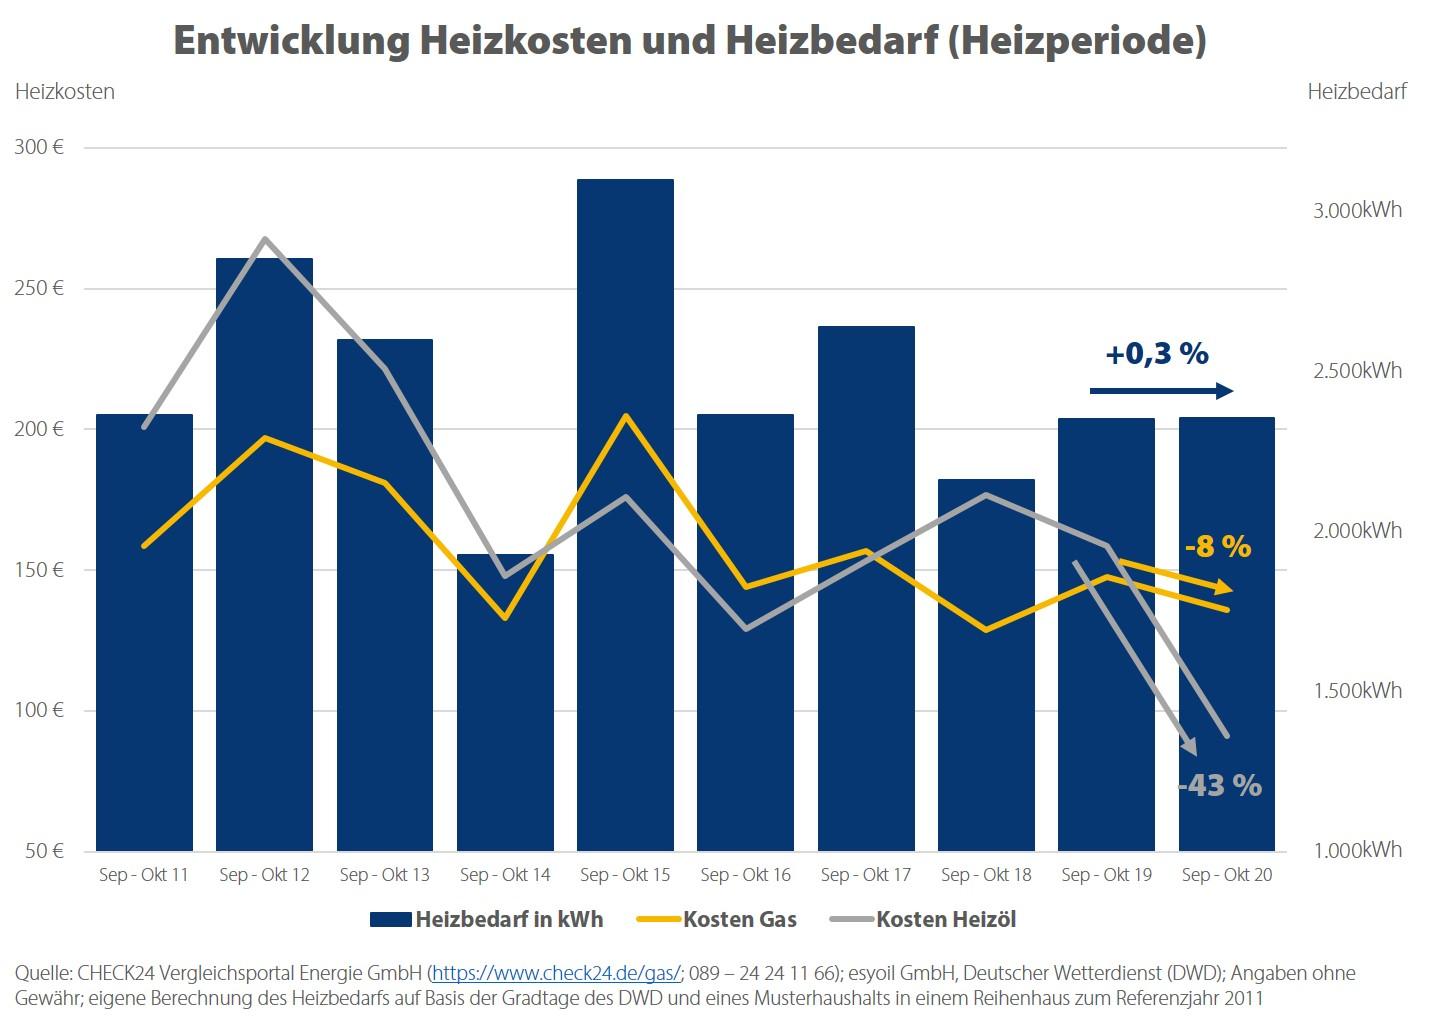 Auch Heizöl war zuletzt so günstig wie nie zuvor in den vergangenen zehn Jahren.